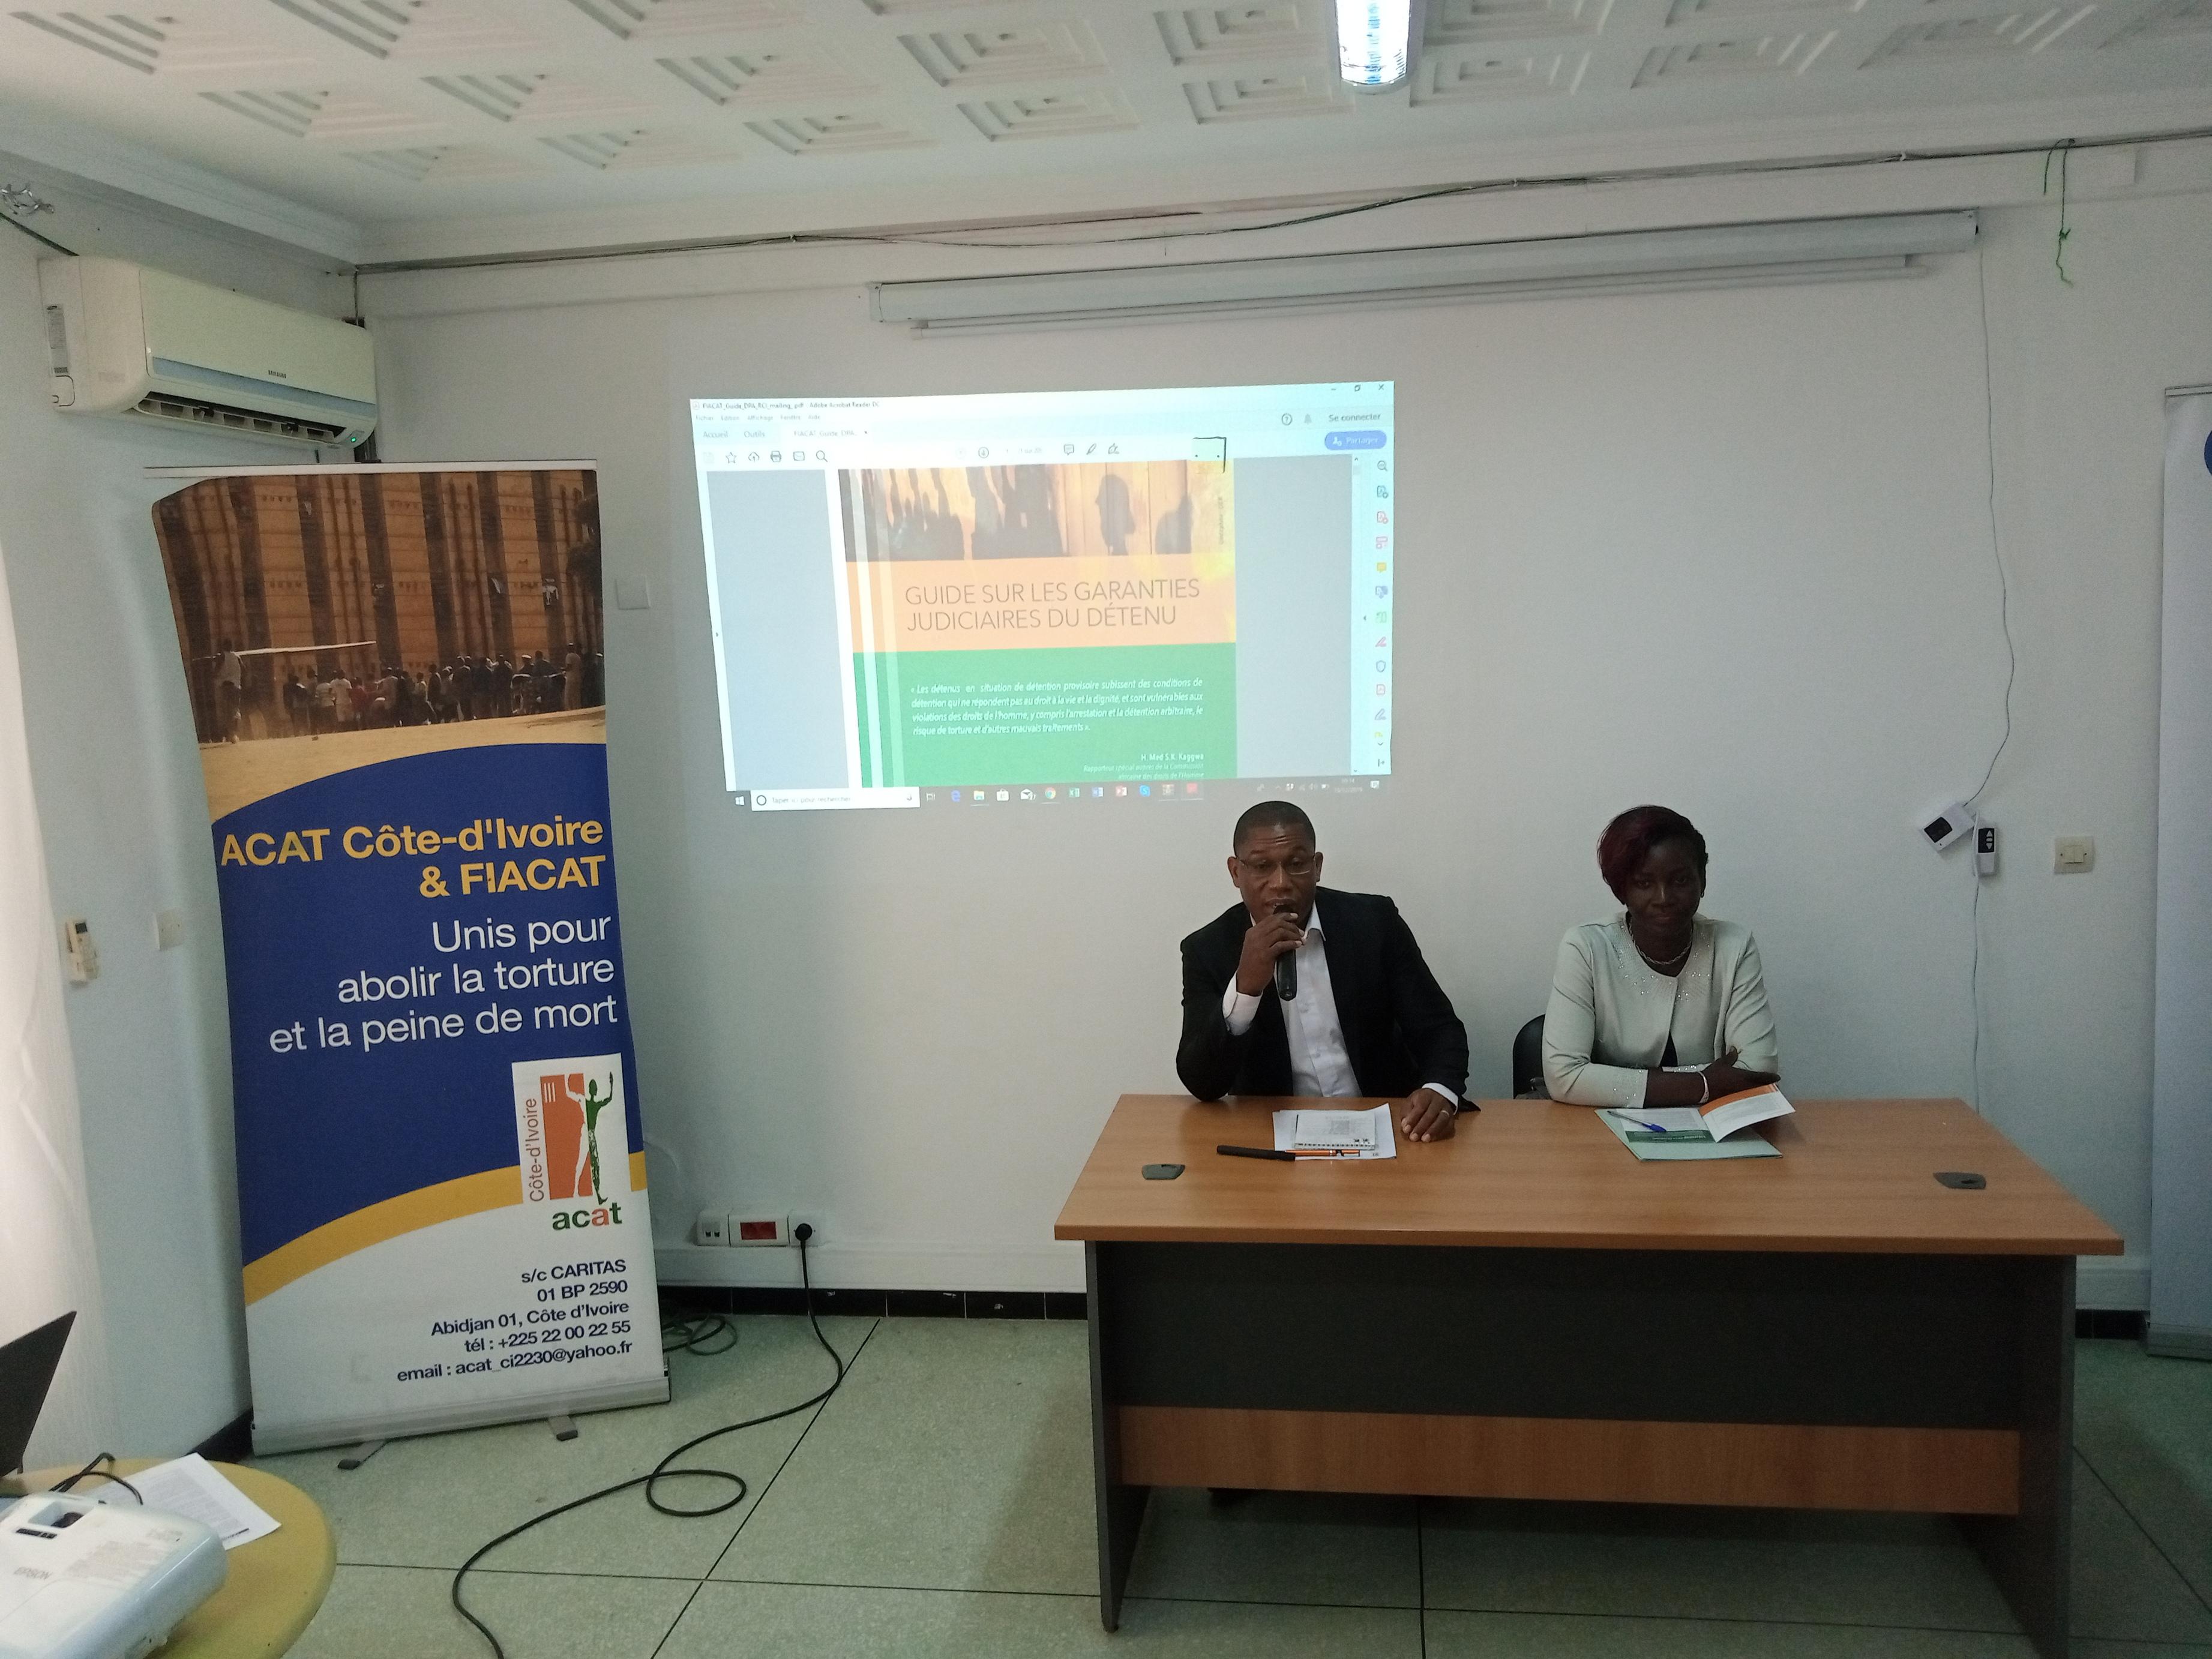 Côte d'Ivoire/Commémoration de la 71e Journée internationale des droits de l'homme : L'Acat-CI présente son nouveau guide sur les garanties judicaires du détenu